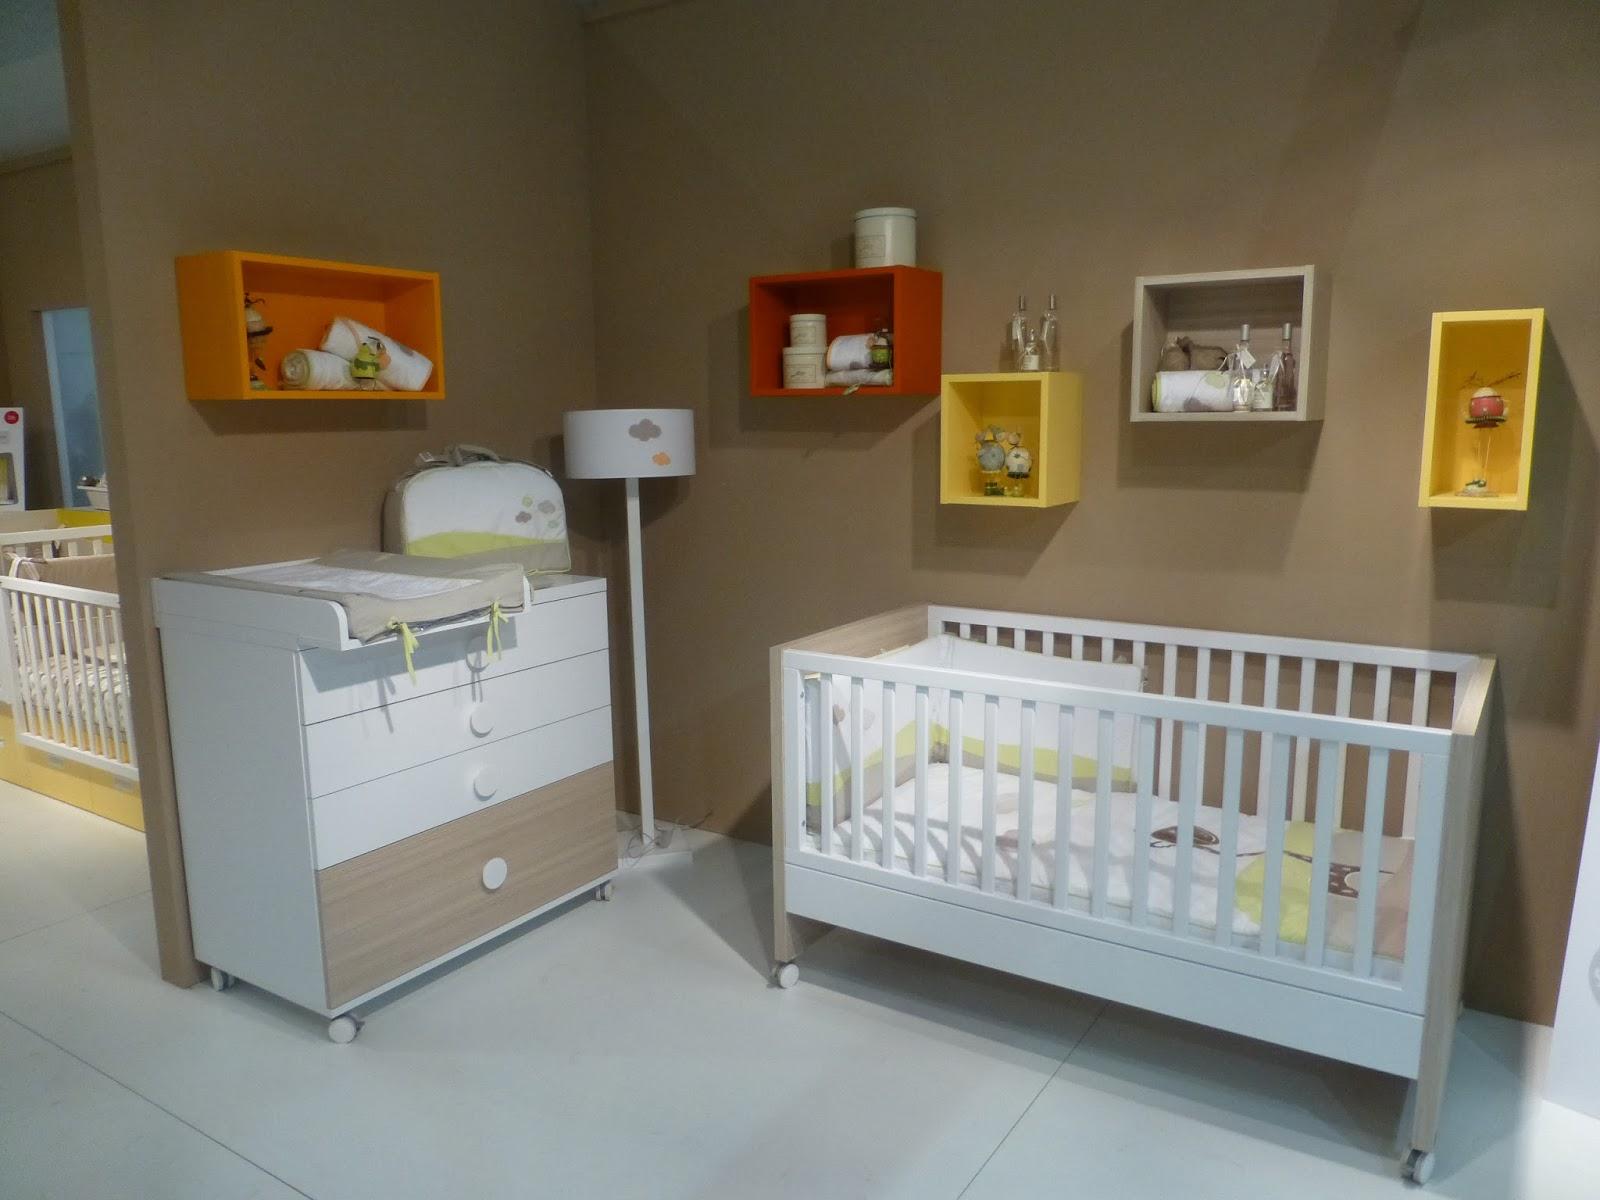 Muebles Ros: septiembre 2013